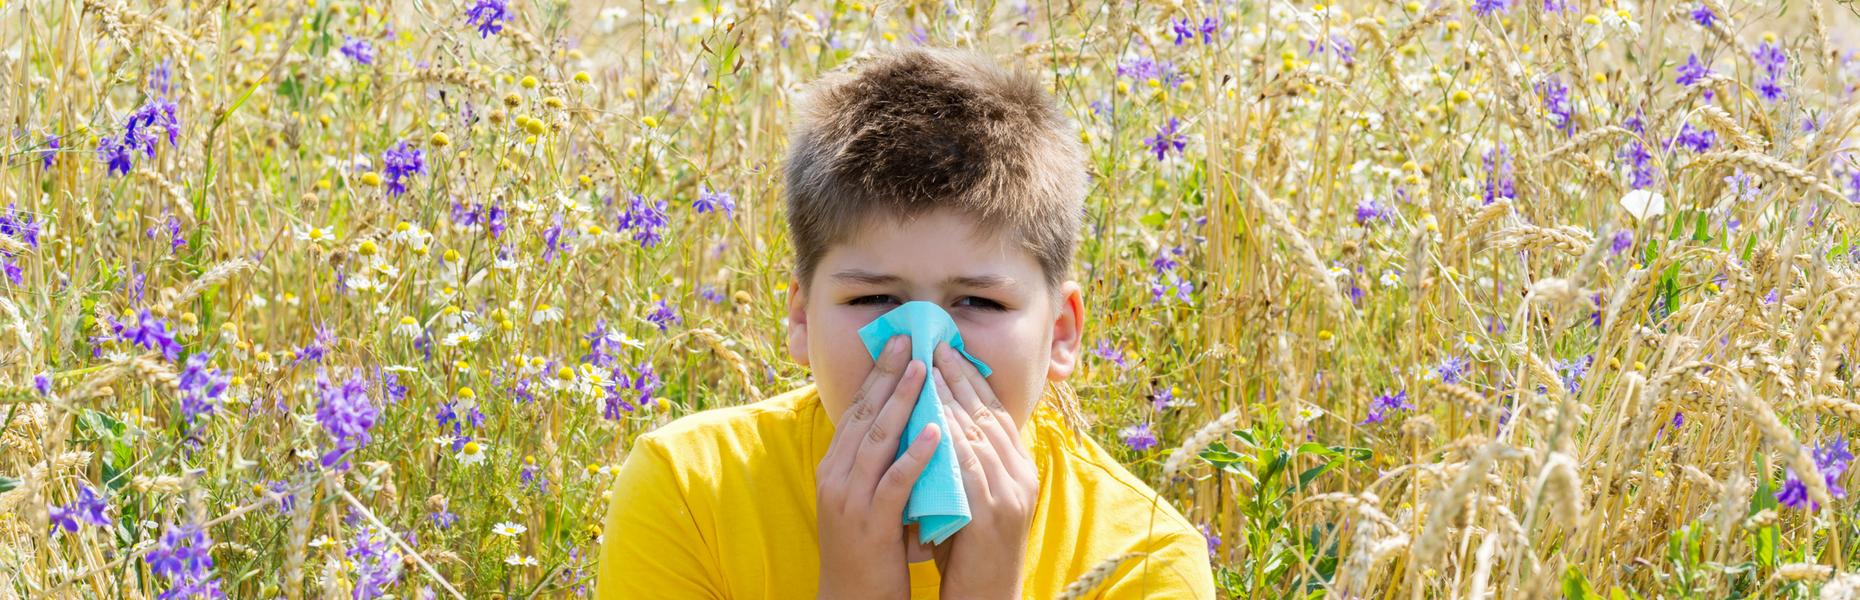 Allergy 2